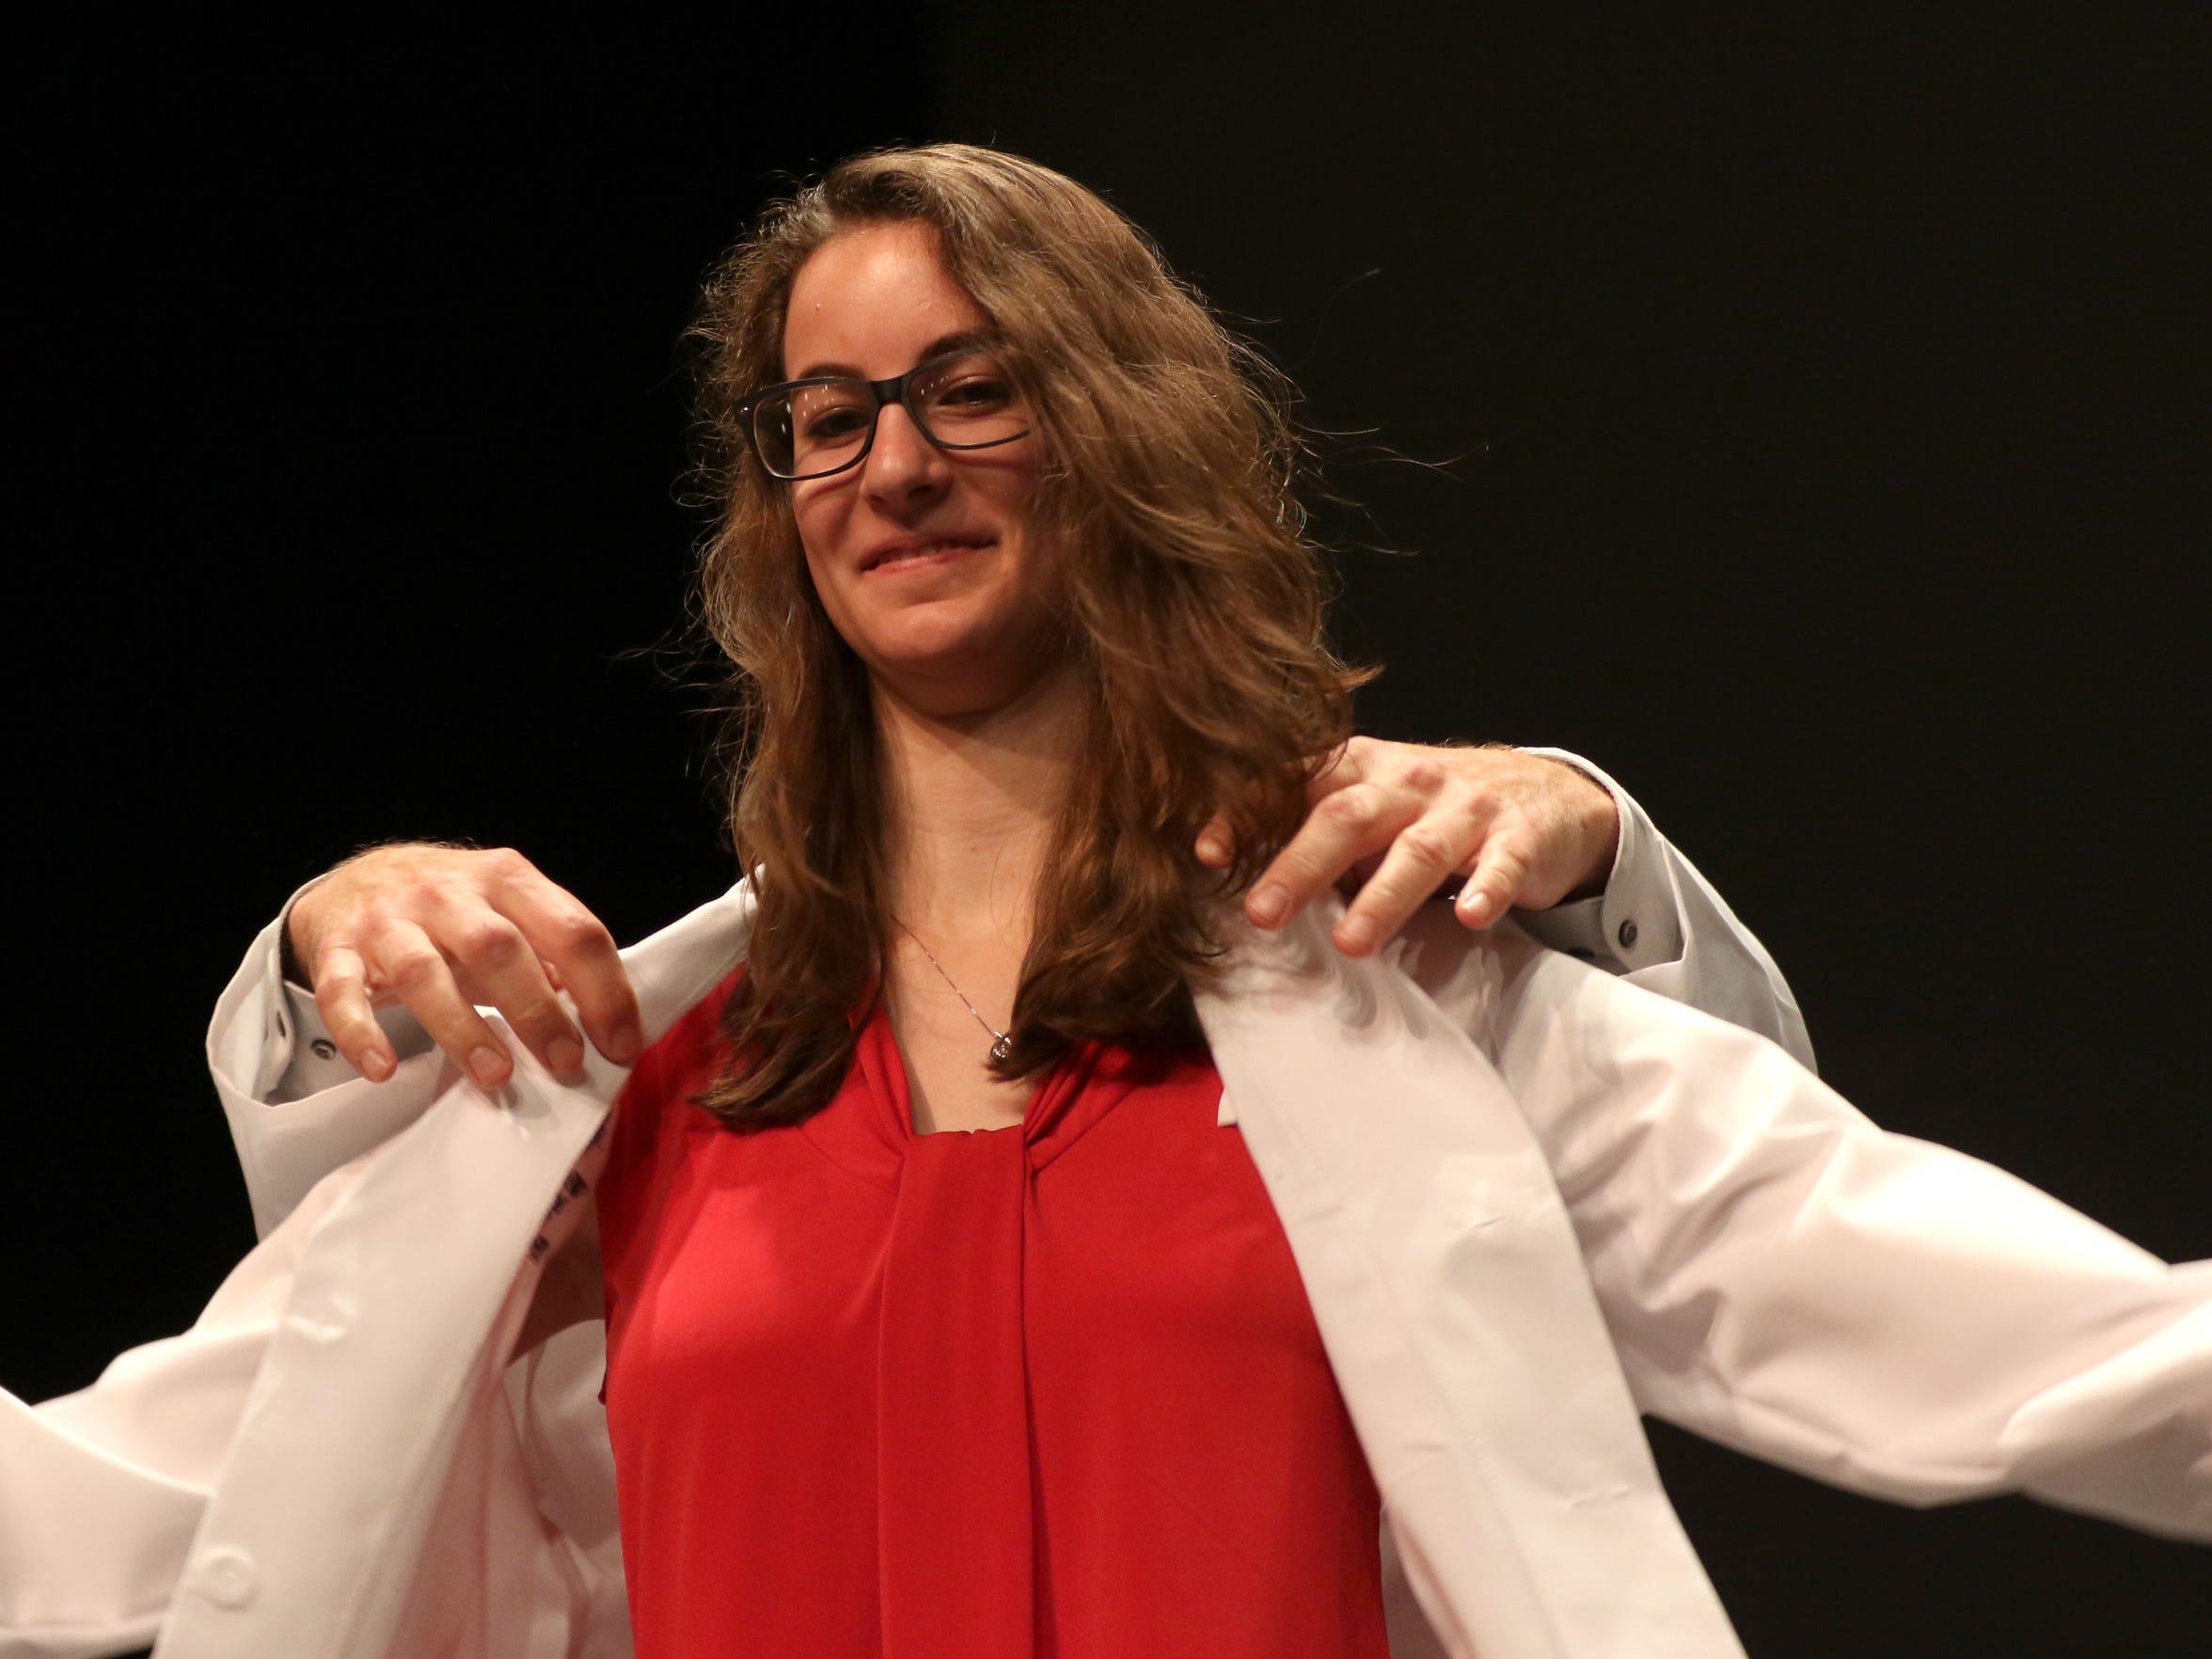 Gina Groshek